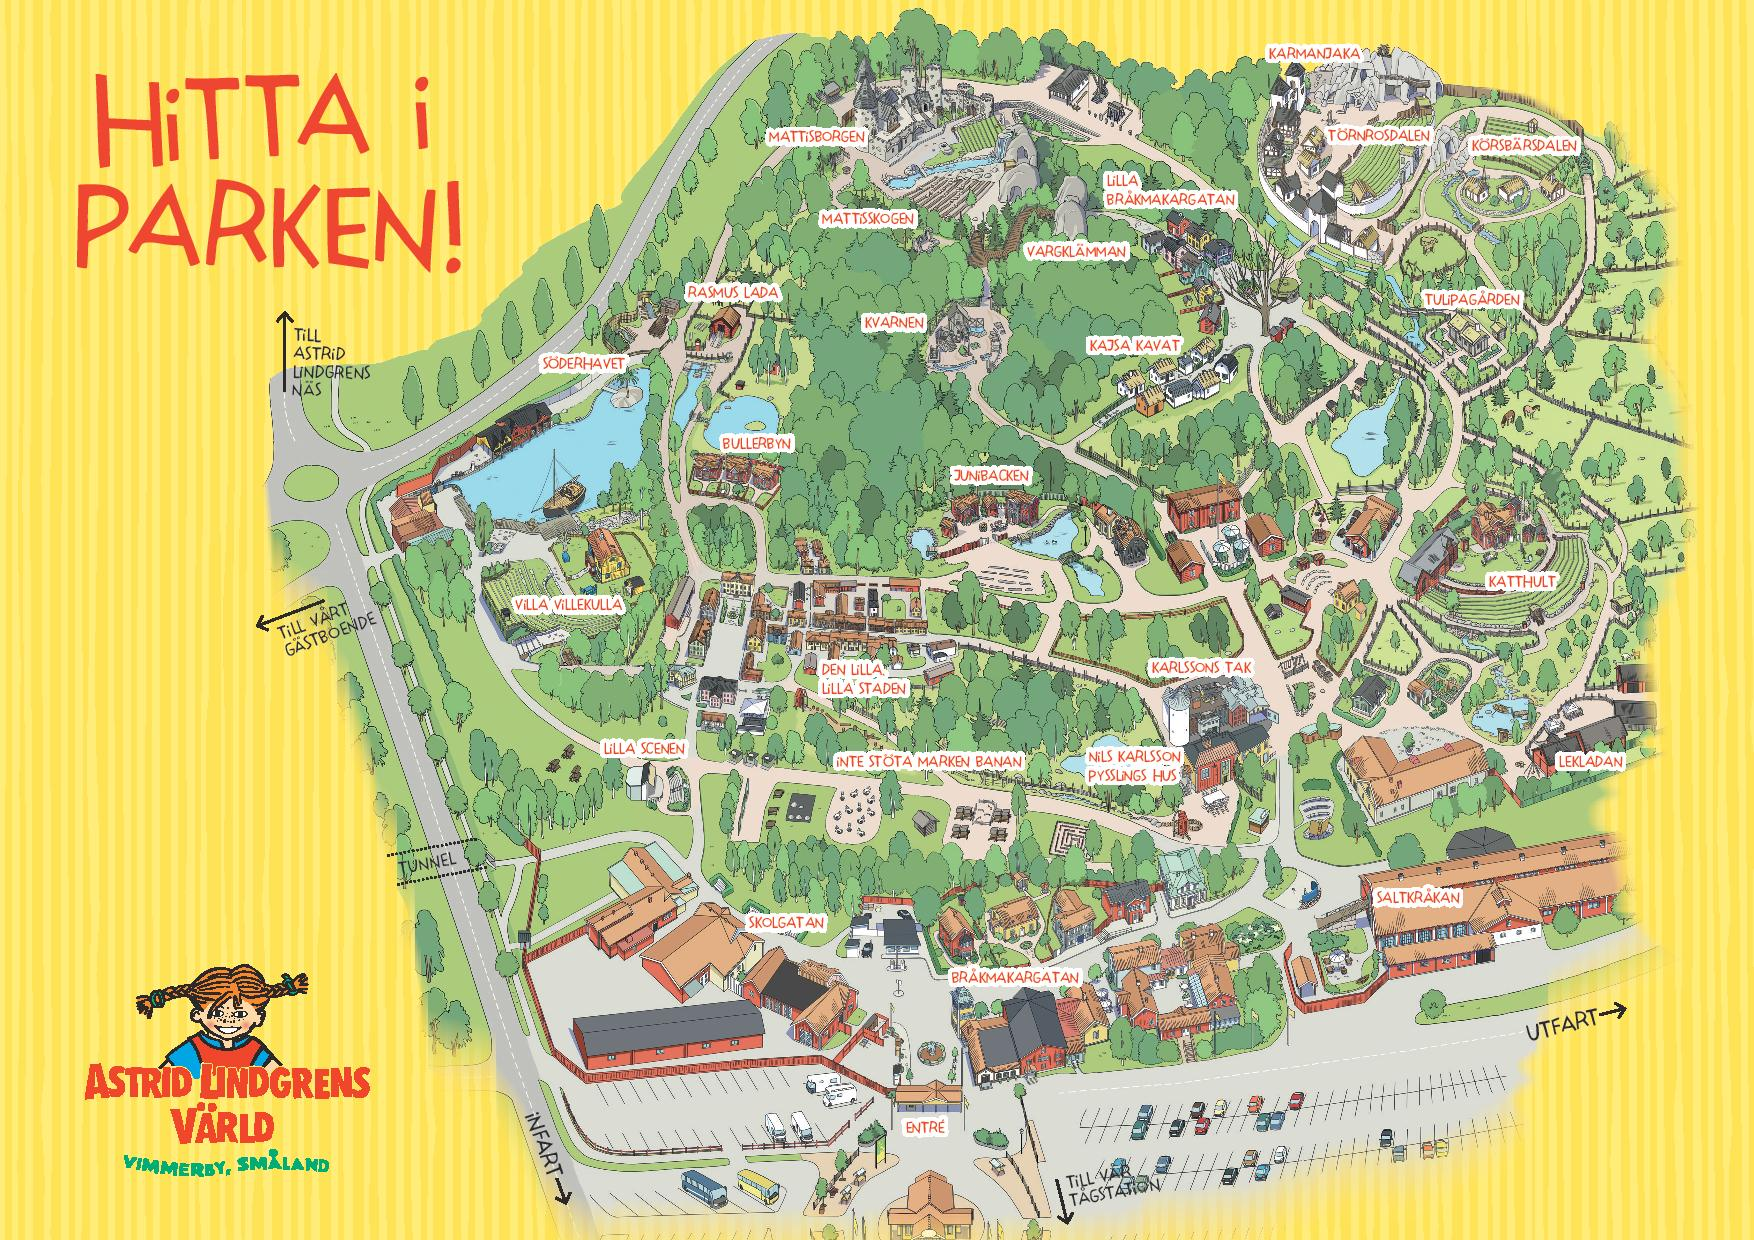 Schweden Waldbrände Karte.Astrid Lindgrens Welt 2019 Karte Und öffnungszeiten Schwedentipps Se